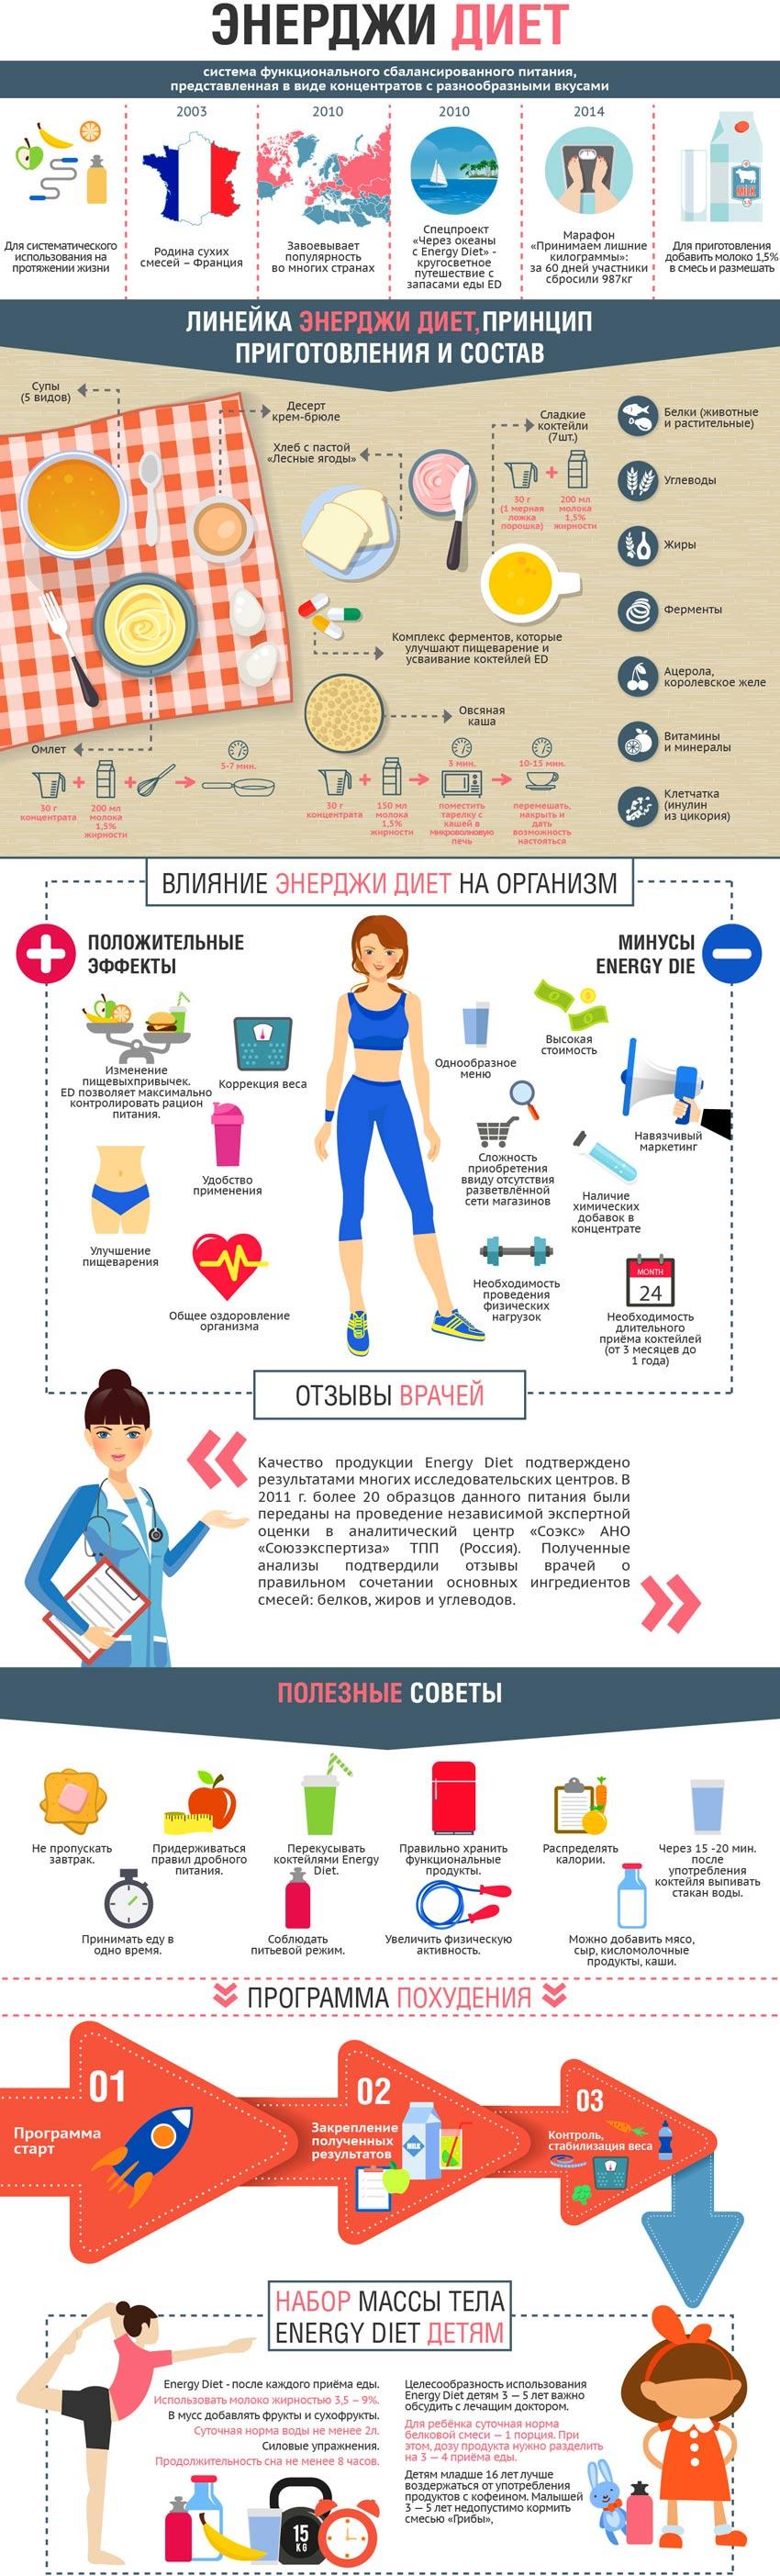 Система сбалансированного питания - energy diet